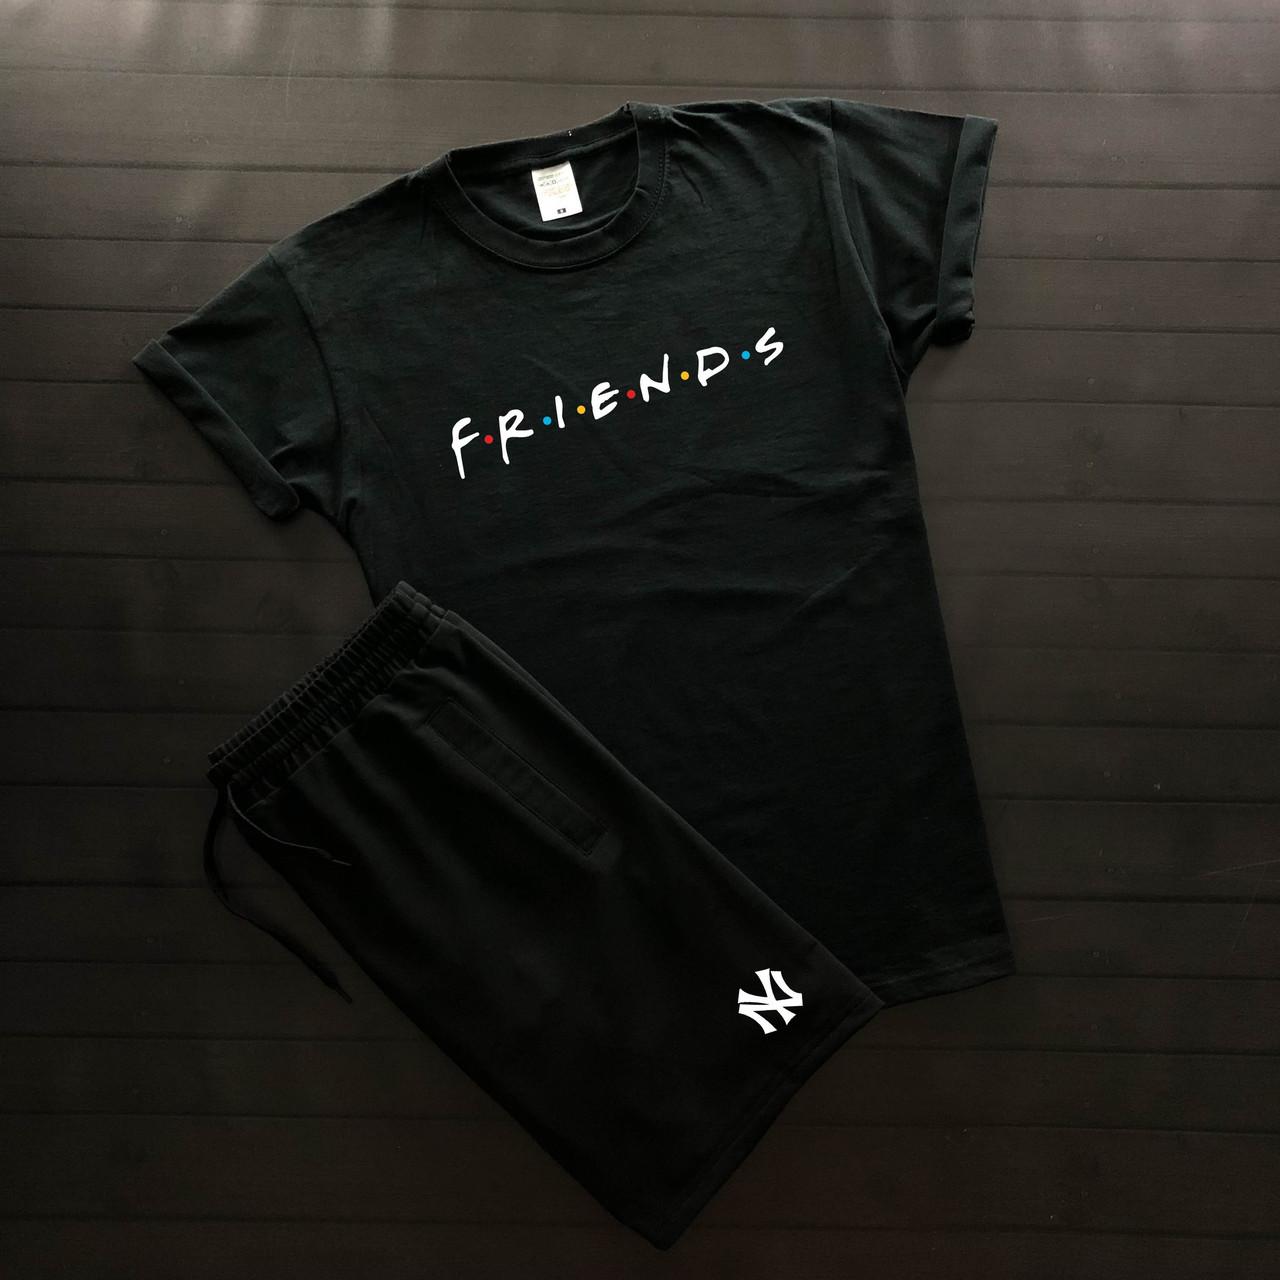 """Мужской летний комплект чёрная футболка с принтом """"Friends"""" и чёрные шорты с принтом """"NYC"""""""